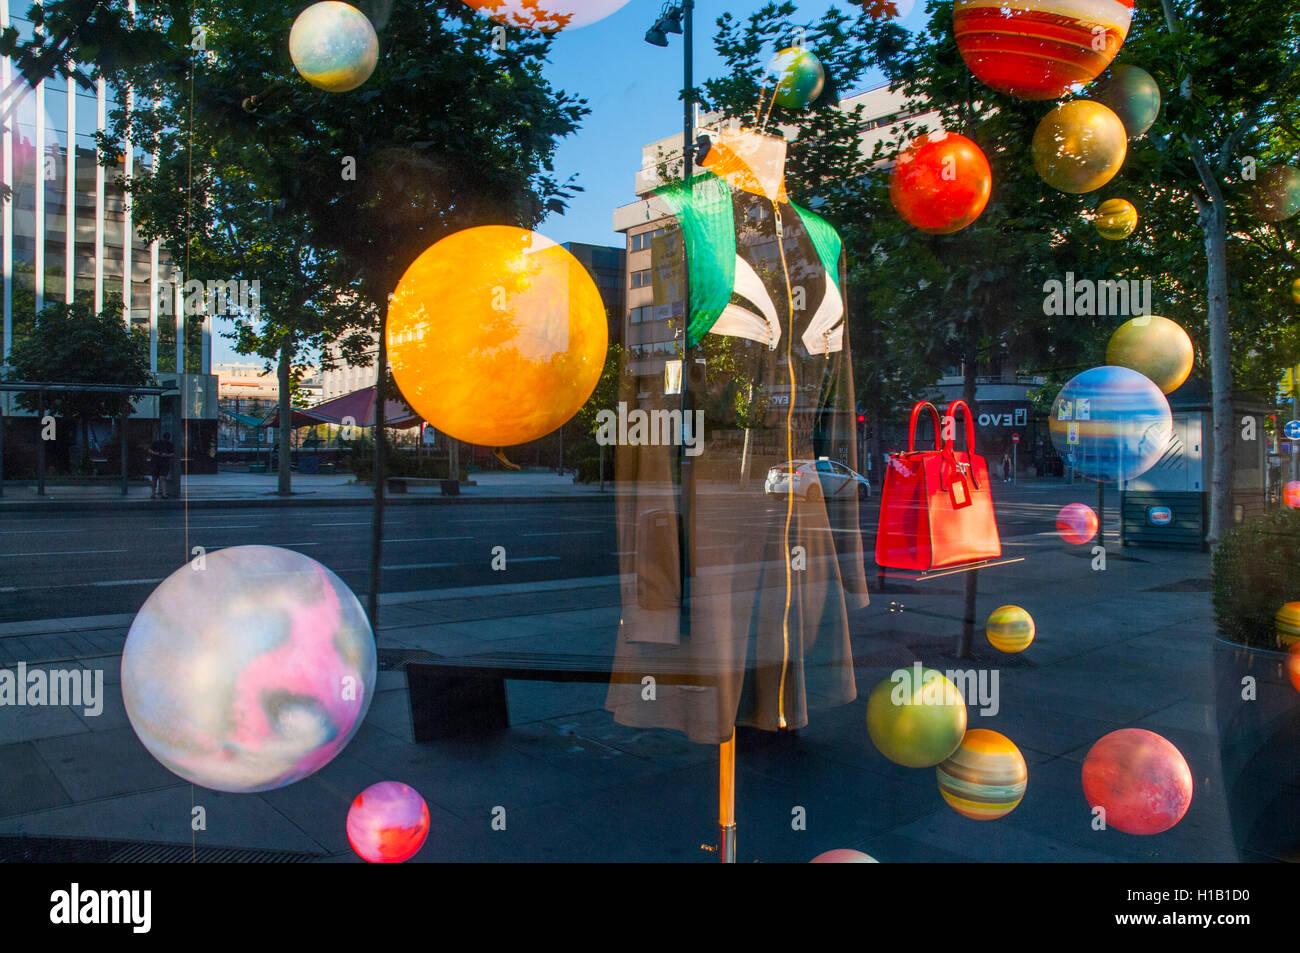 Escaparate. La calle Serrano, Madrid, España. Imagen De Stock